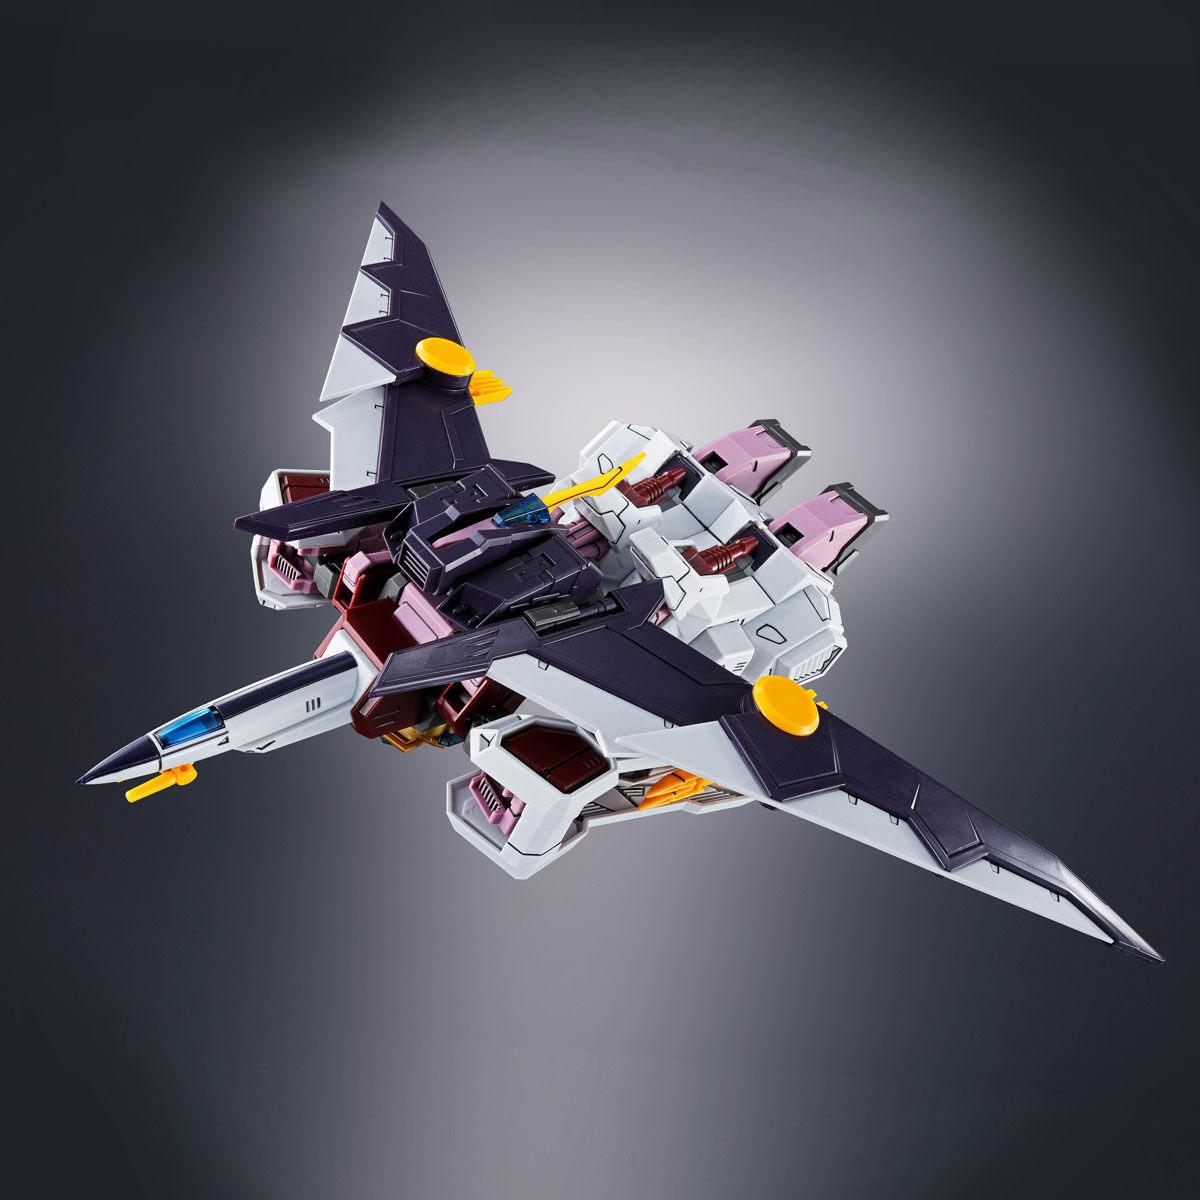 HG 1/300『ダークゴウザウラー』熱血最強ゴウザウラー プラモデル-005